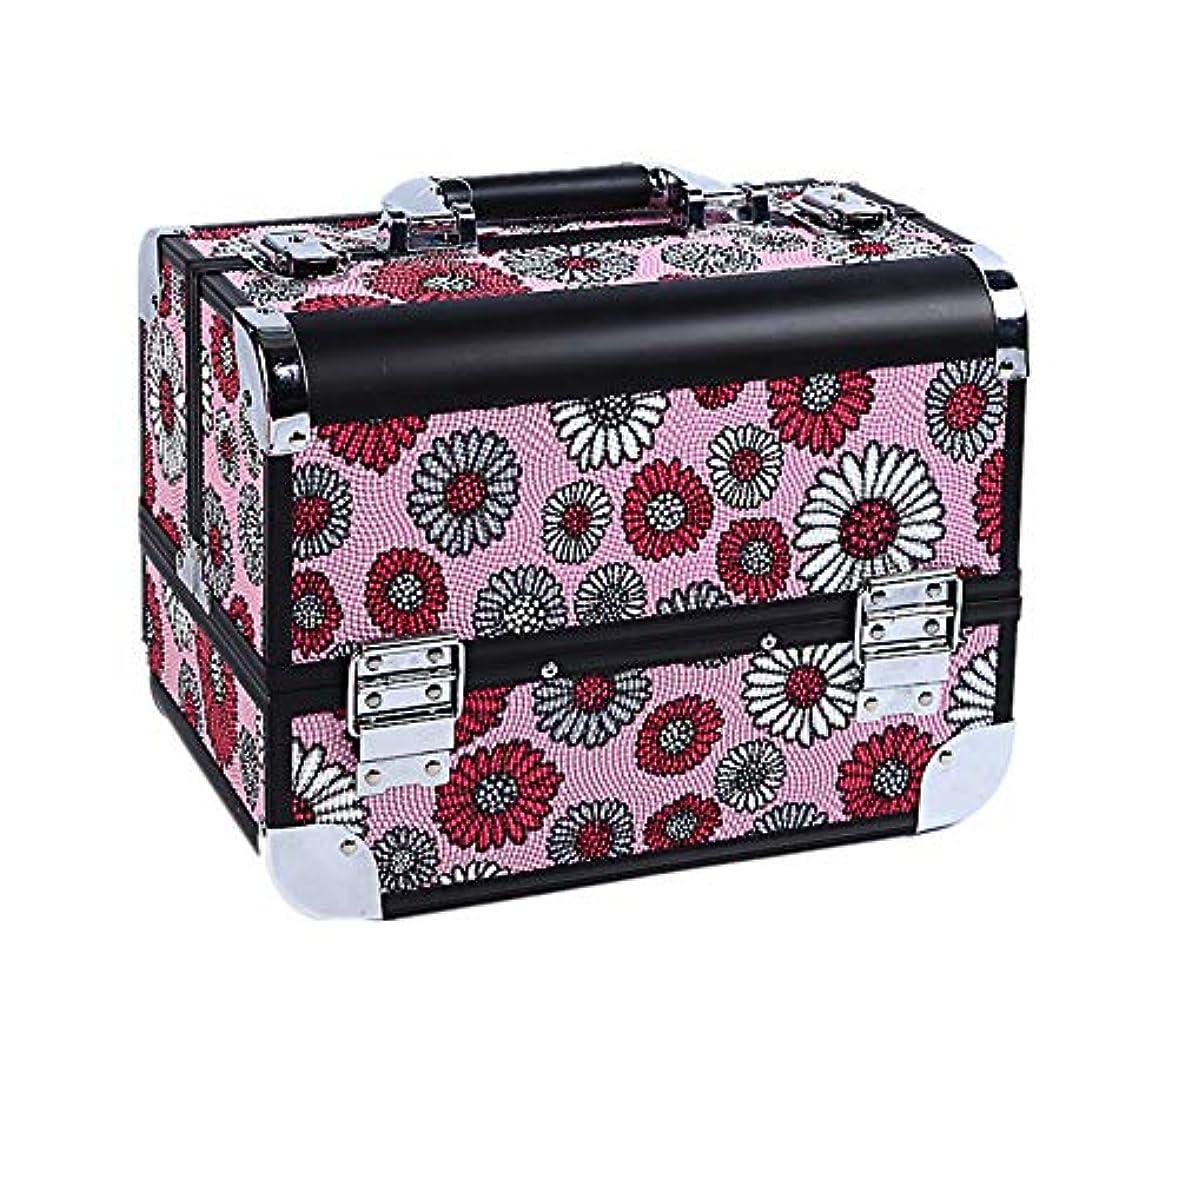 固める硬化する日の出化粧オーガナイザーバッグ 大容量ポータブルアルミ合金旅行化粧品美容メイクアップ化粧ケースひまわりのパターンと折り畳みトレイ 化粧品ケース